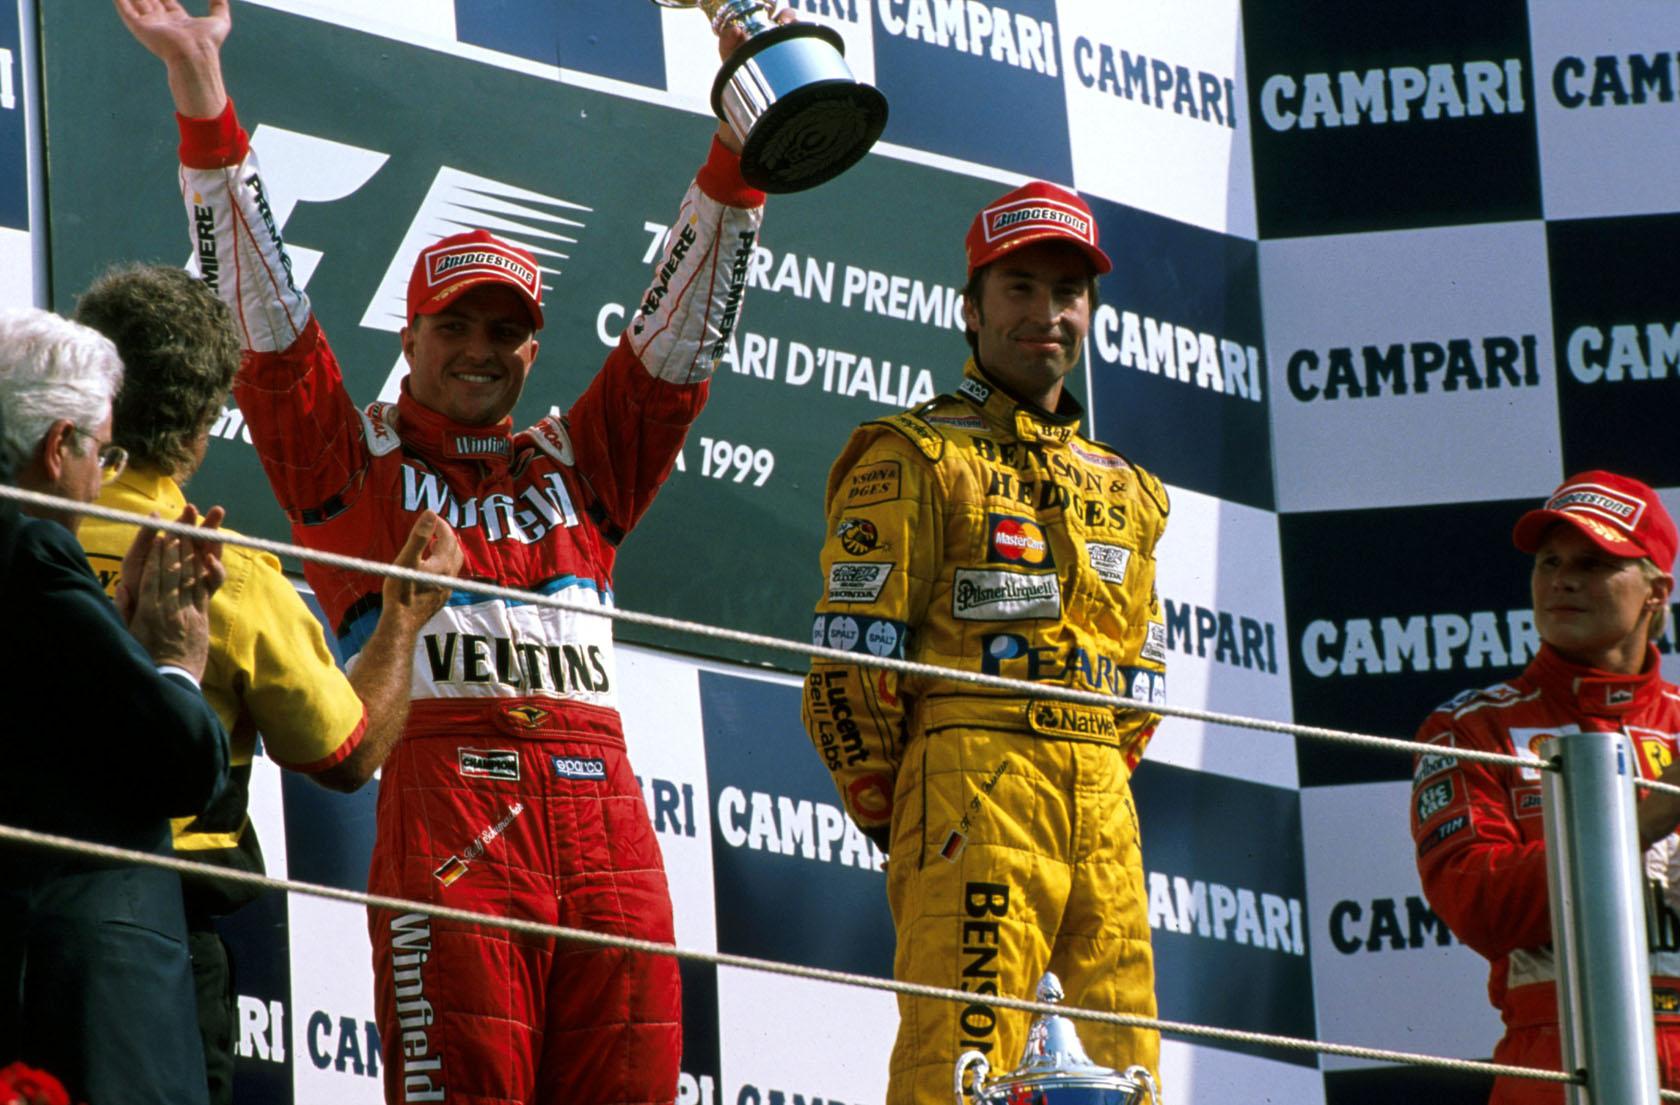 Pobjedničko postolje u Monzi 1999. i rezultat sezone za Williams i Ralfa Schumachera (2. mjesto) (12.9.1999.) Foto: f1history